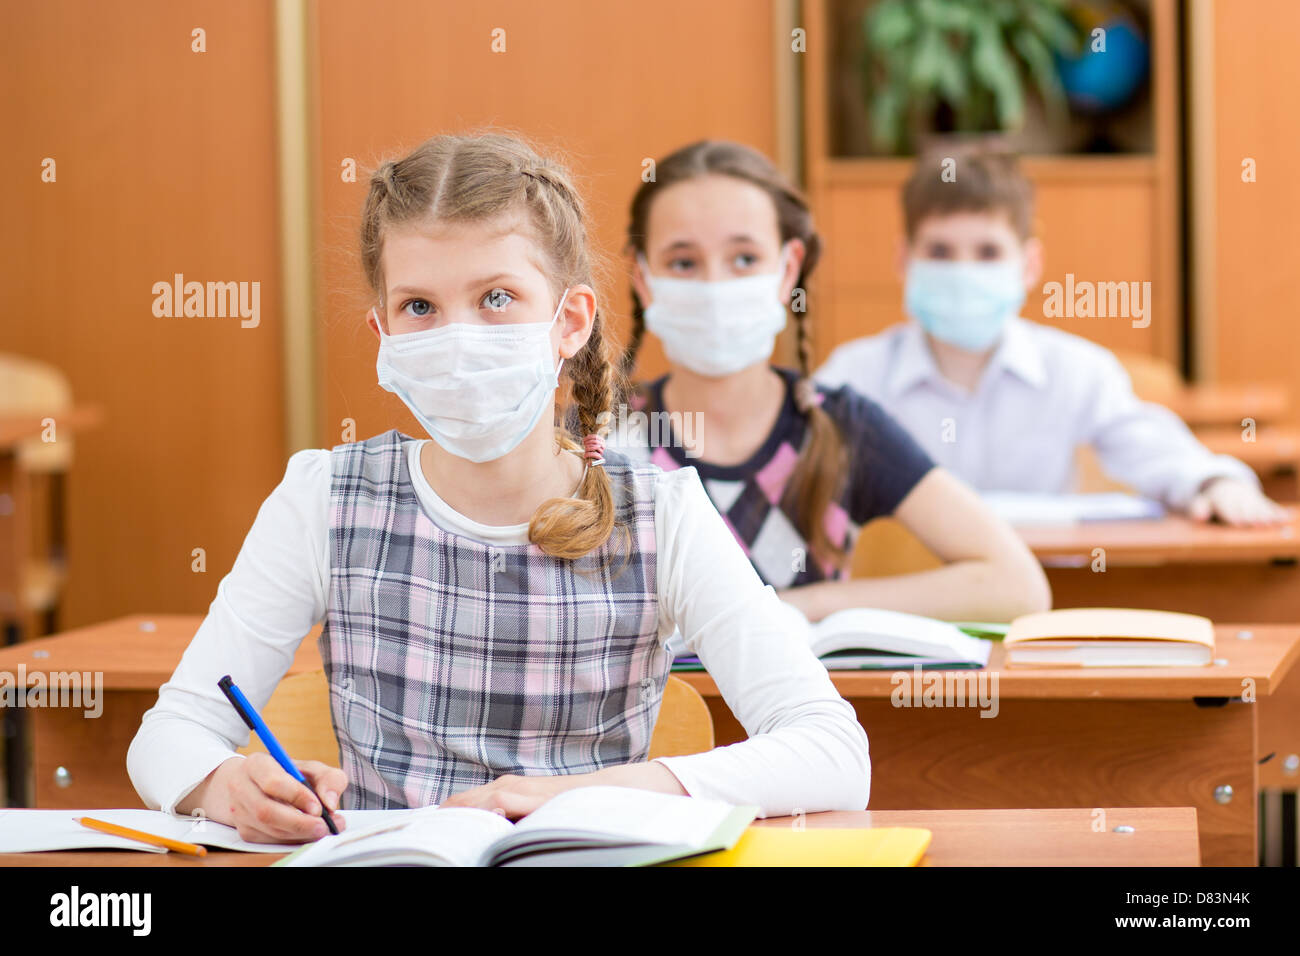 Schüler mit Maske Schutz gegen Grippe-Virus bei Lektion Stockbild